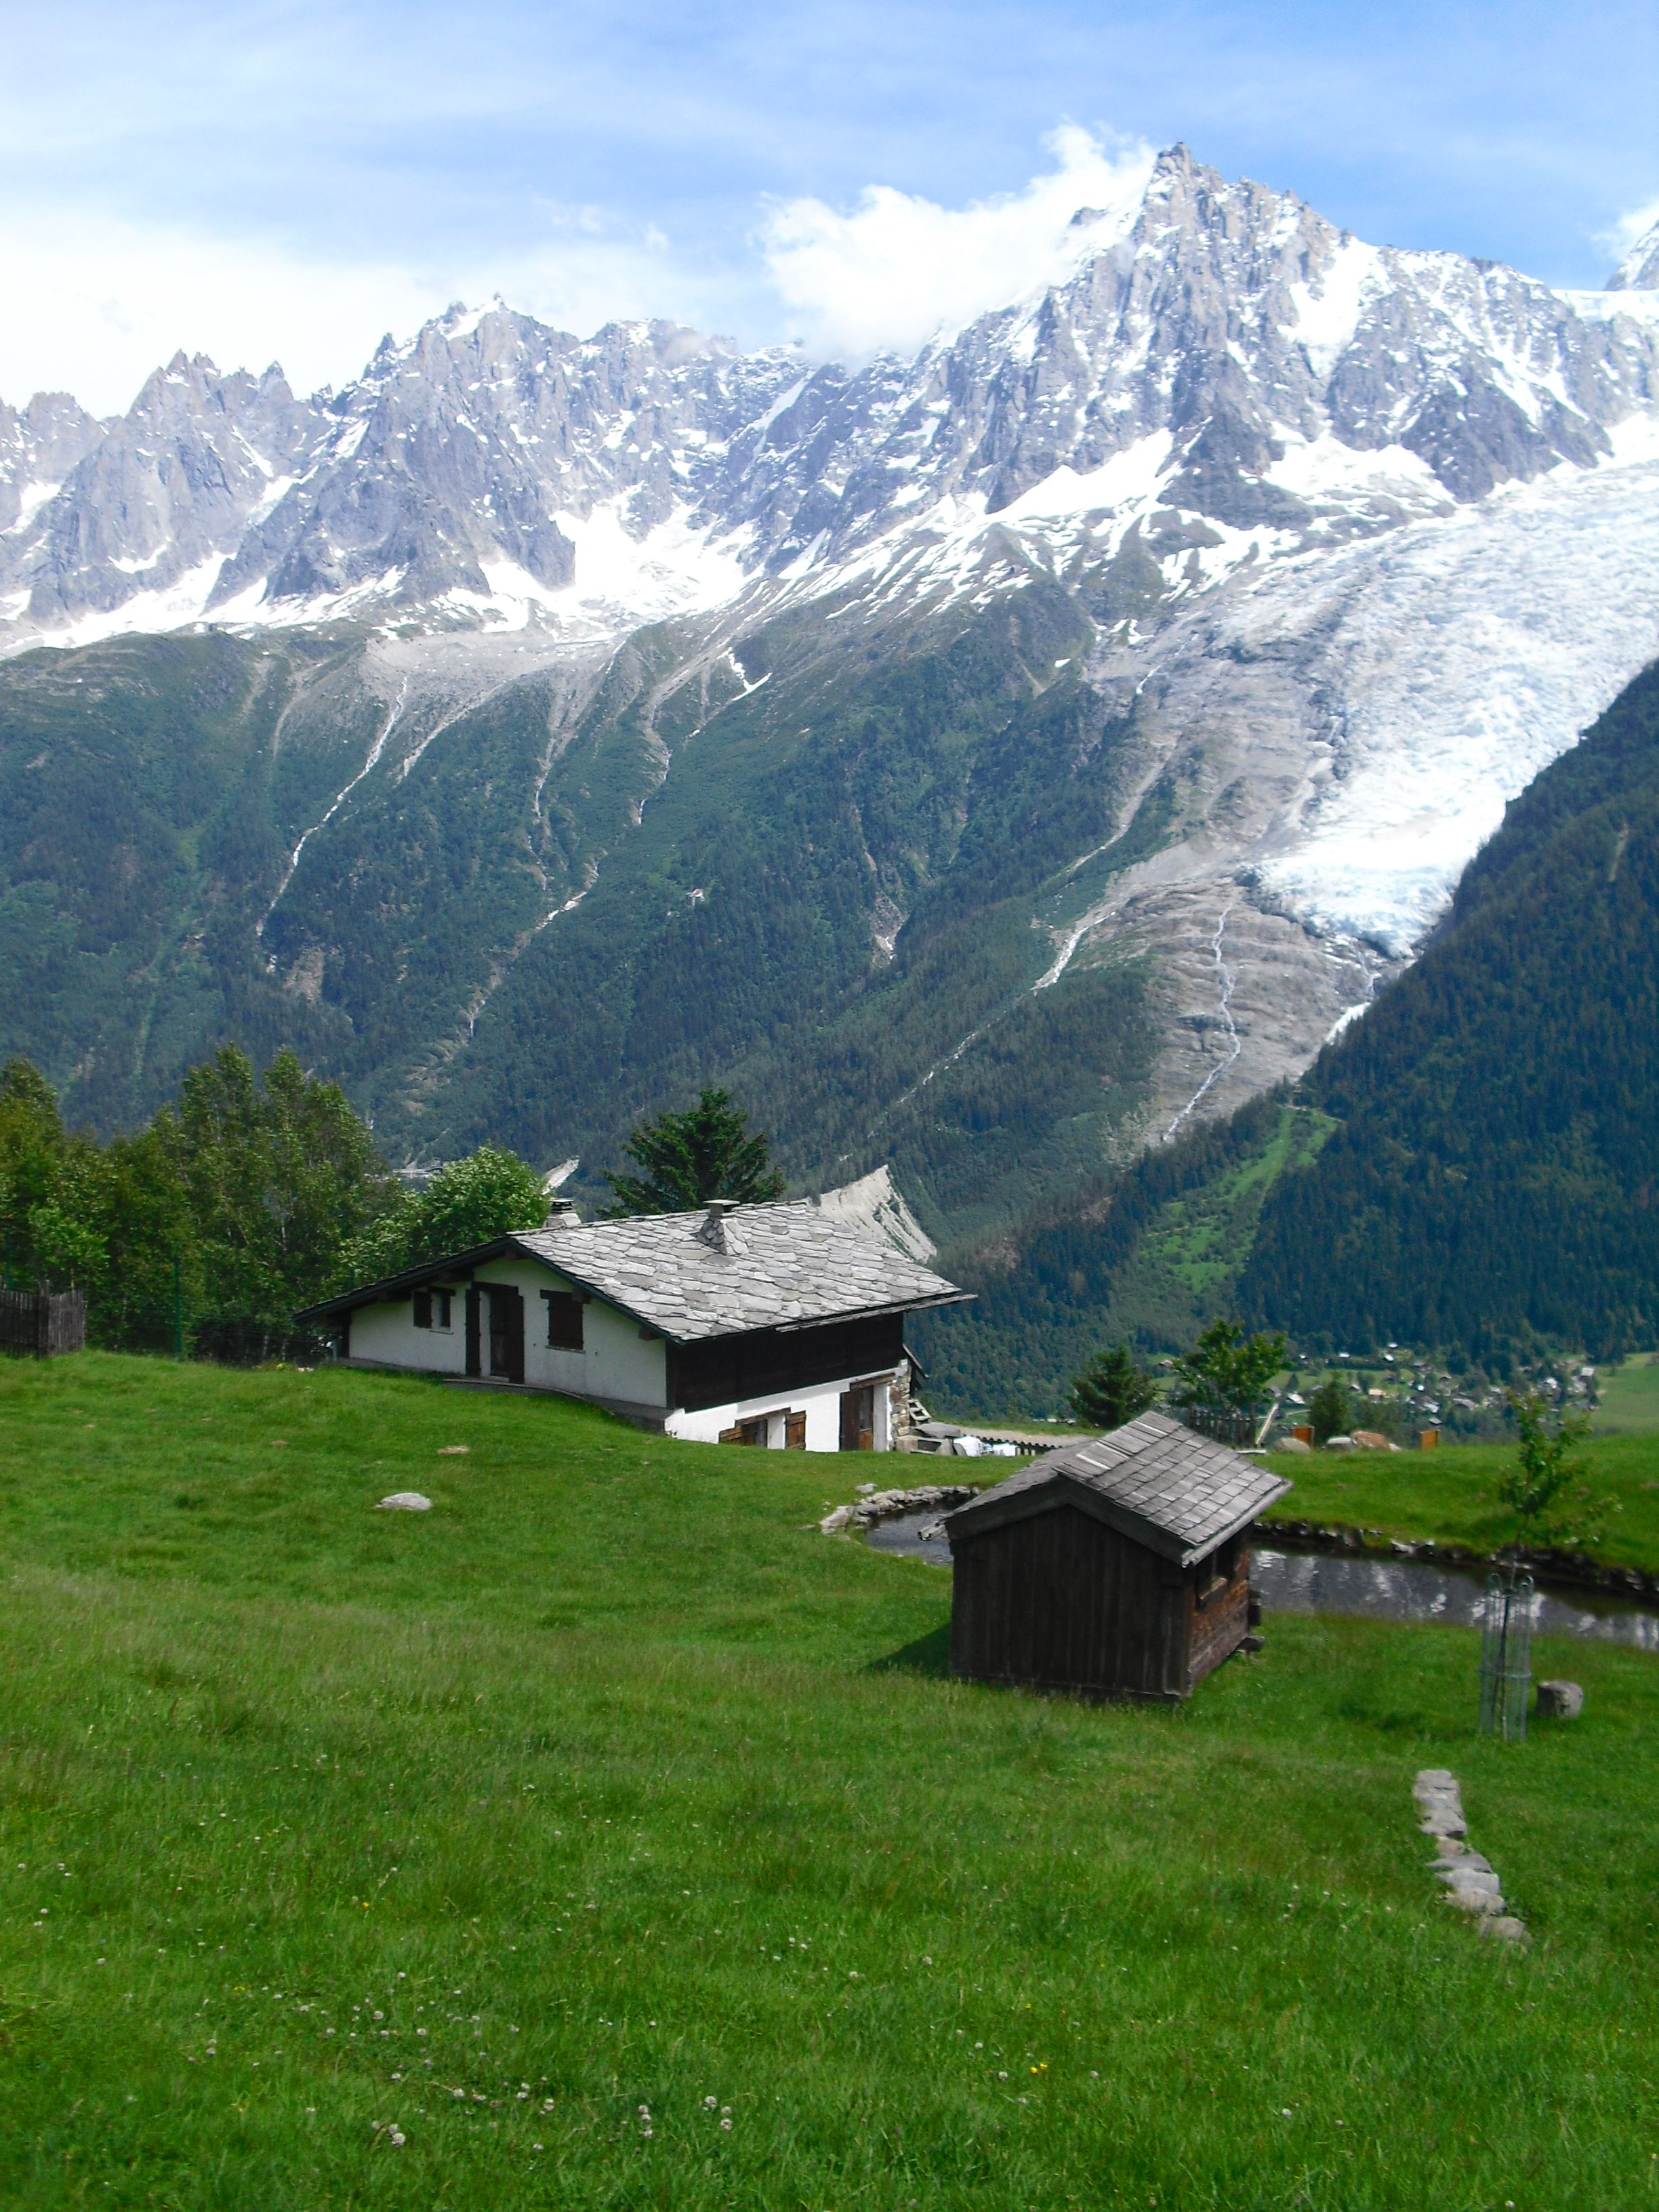 El parque de Merlet con vistas a los Alpes franceses, al fondo el glaciar y la montaña Aiguille du Midi